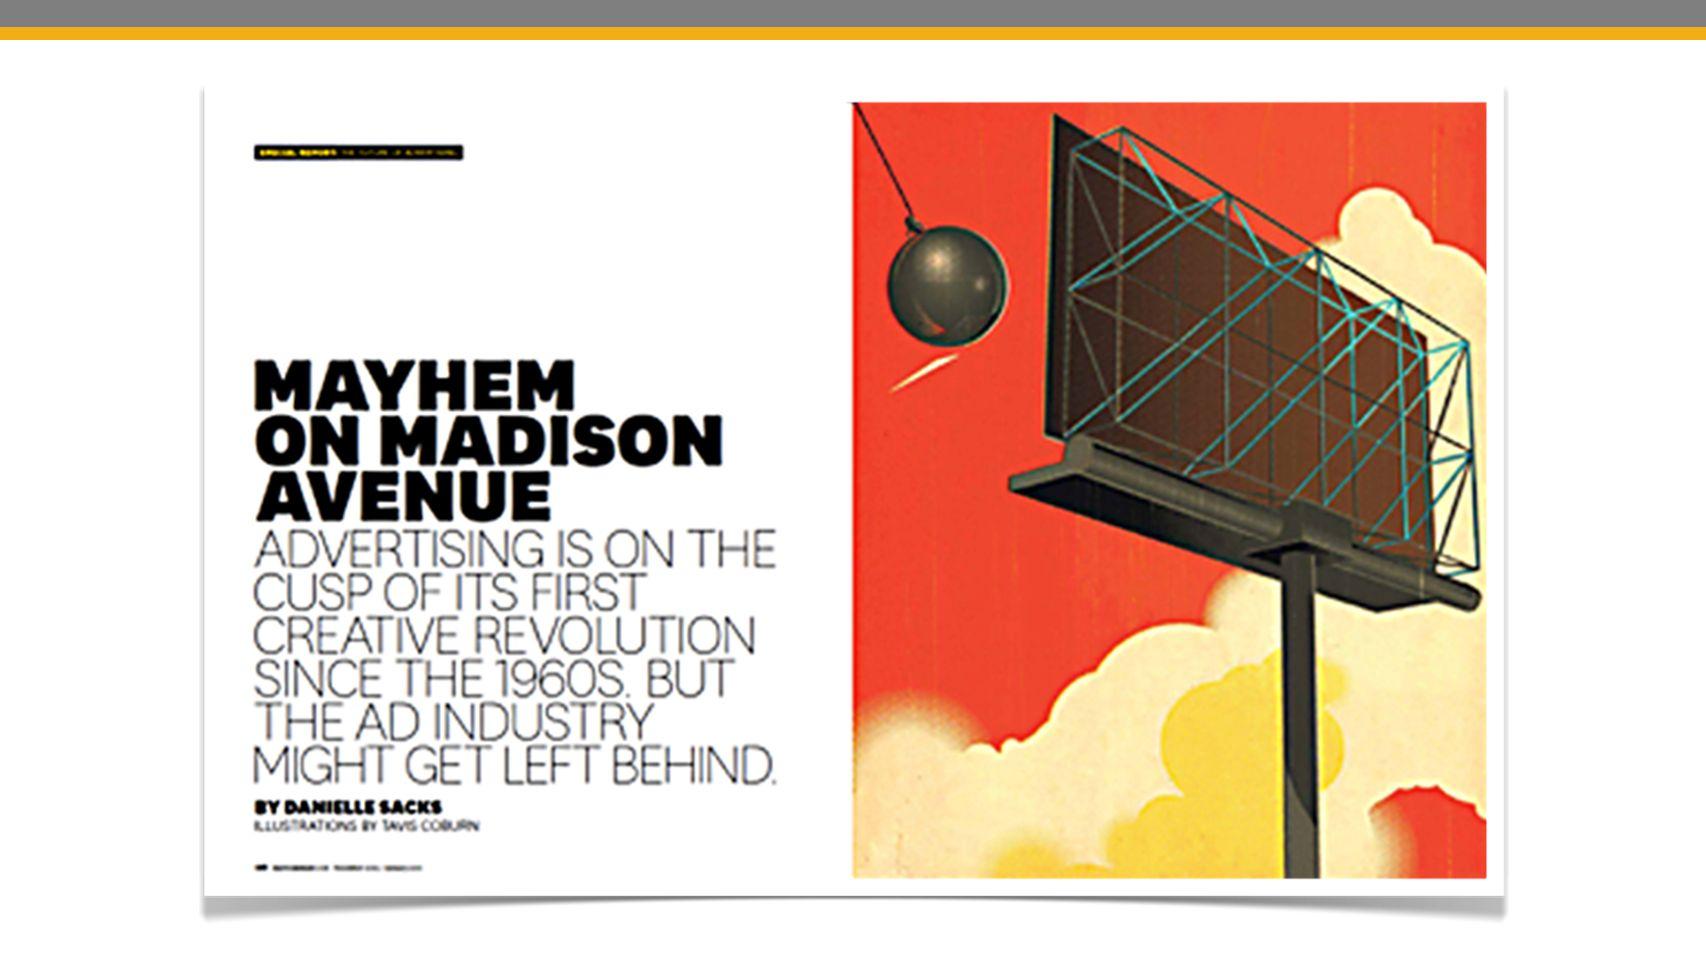 La publicidad está en la cúspide de su primera revolución creativa desde los 60's.